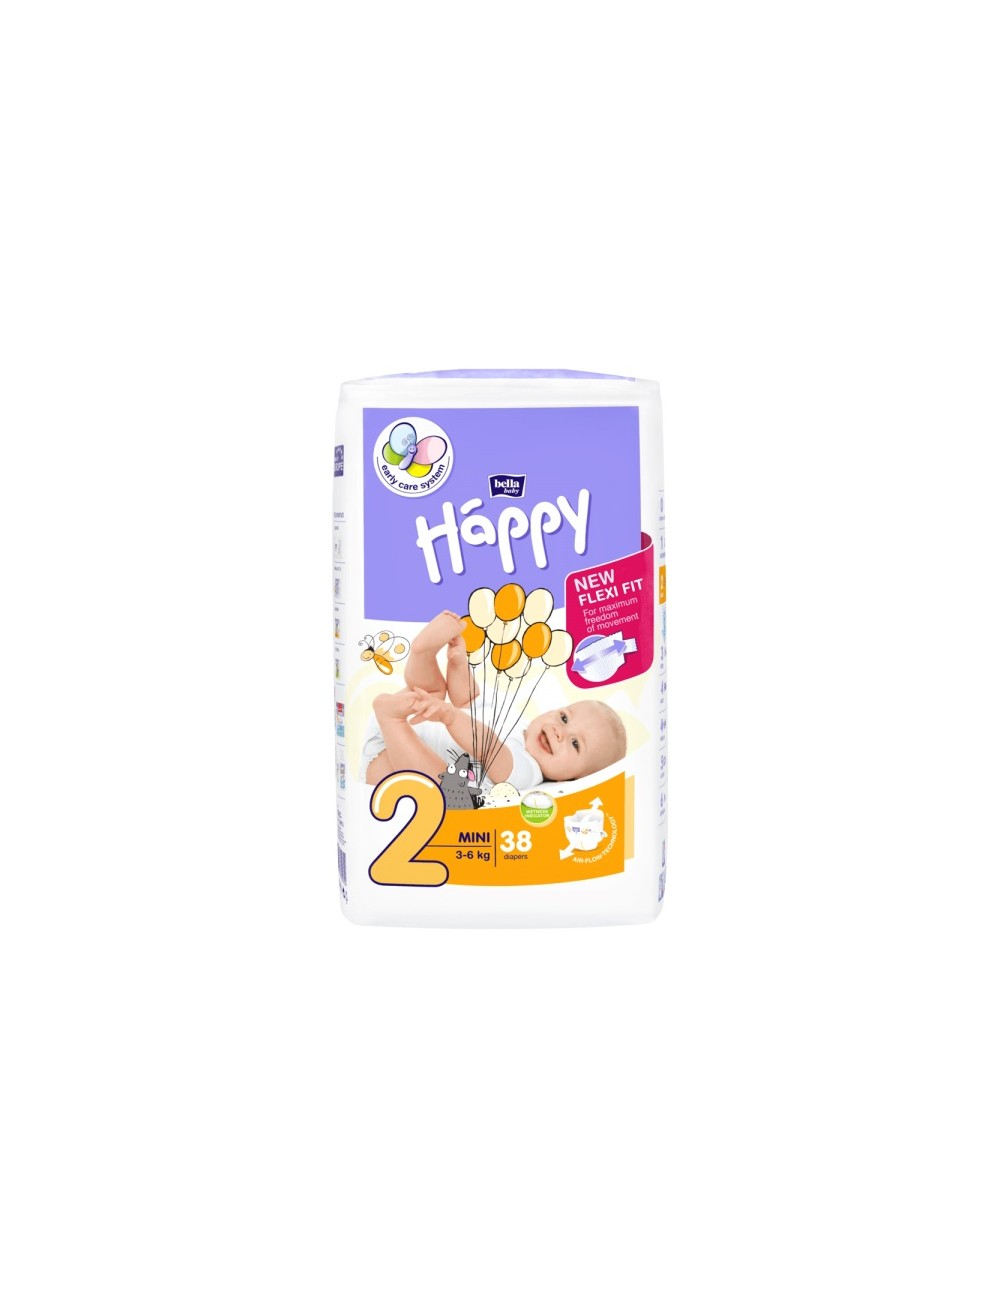 Bella Happy Pieluszki Jednorazowe dla Dzieci Mini 3-6 kg (rozmiar 2) 38 szt